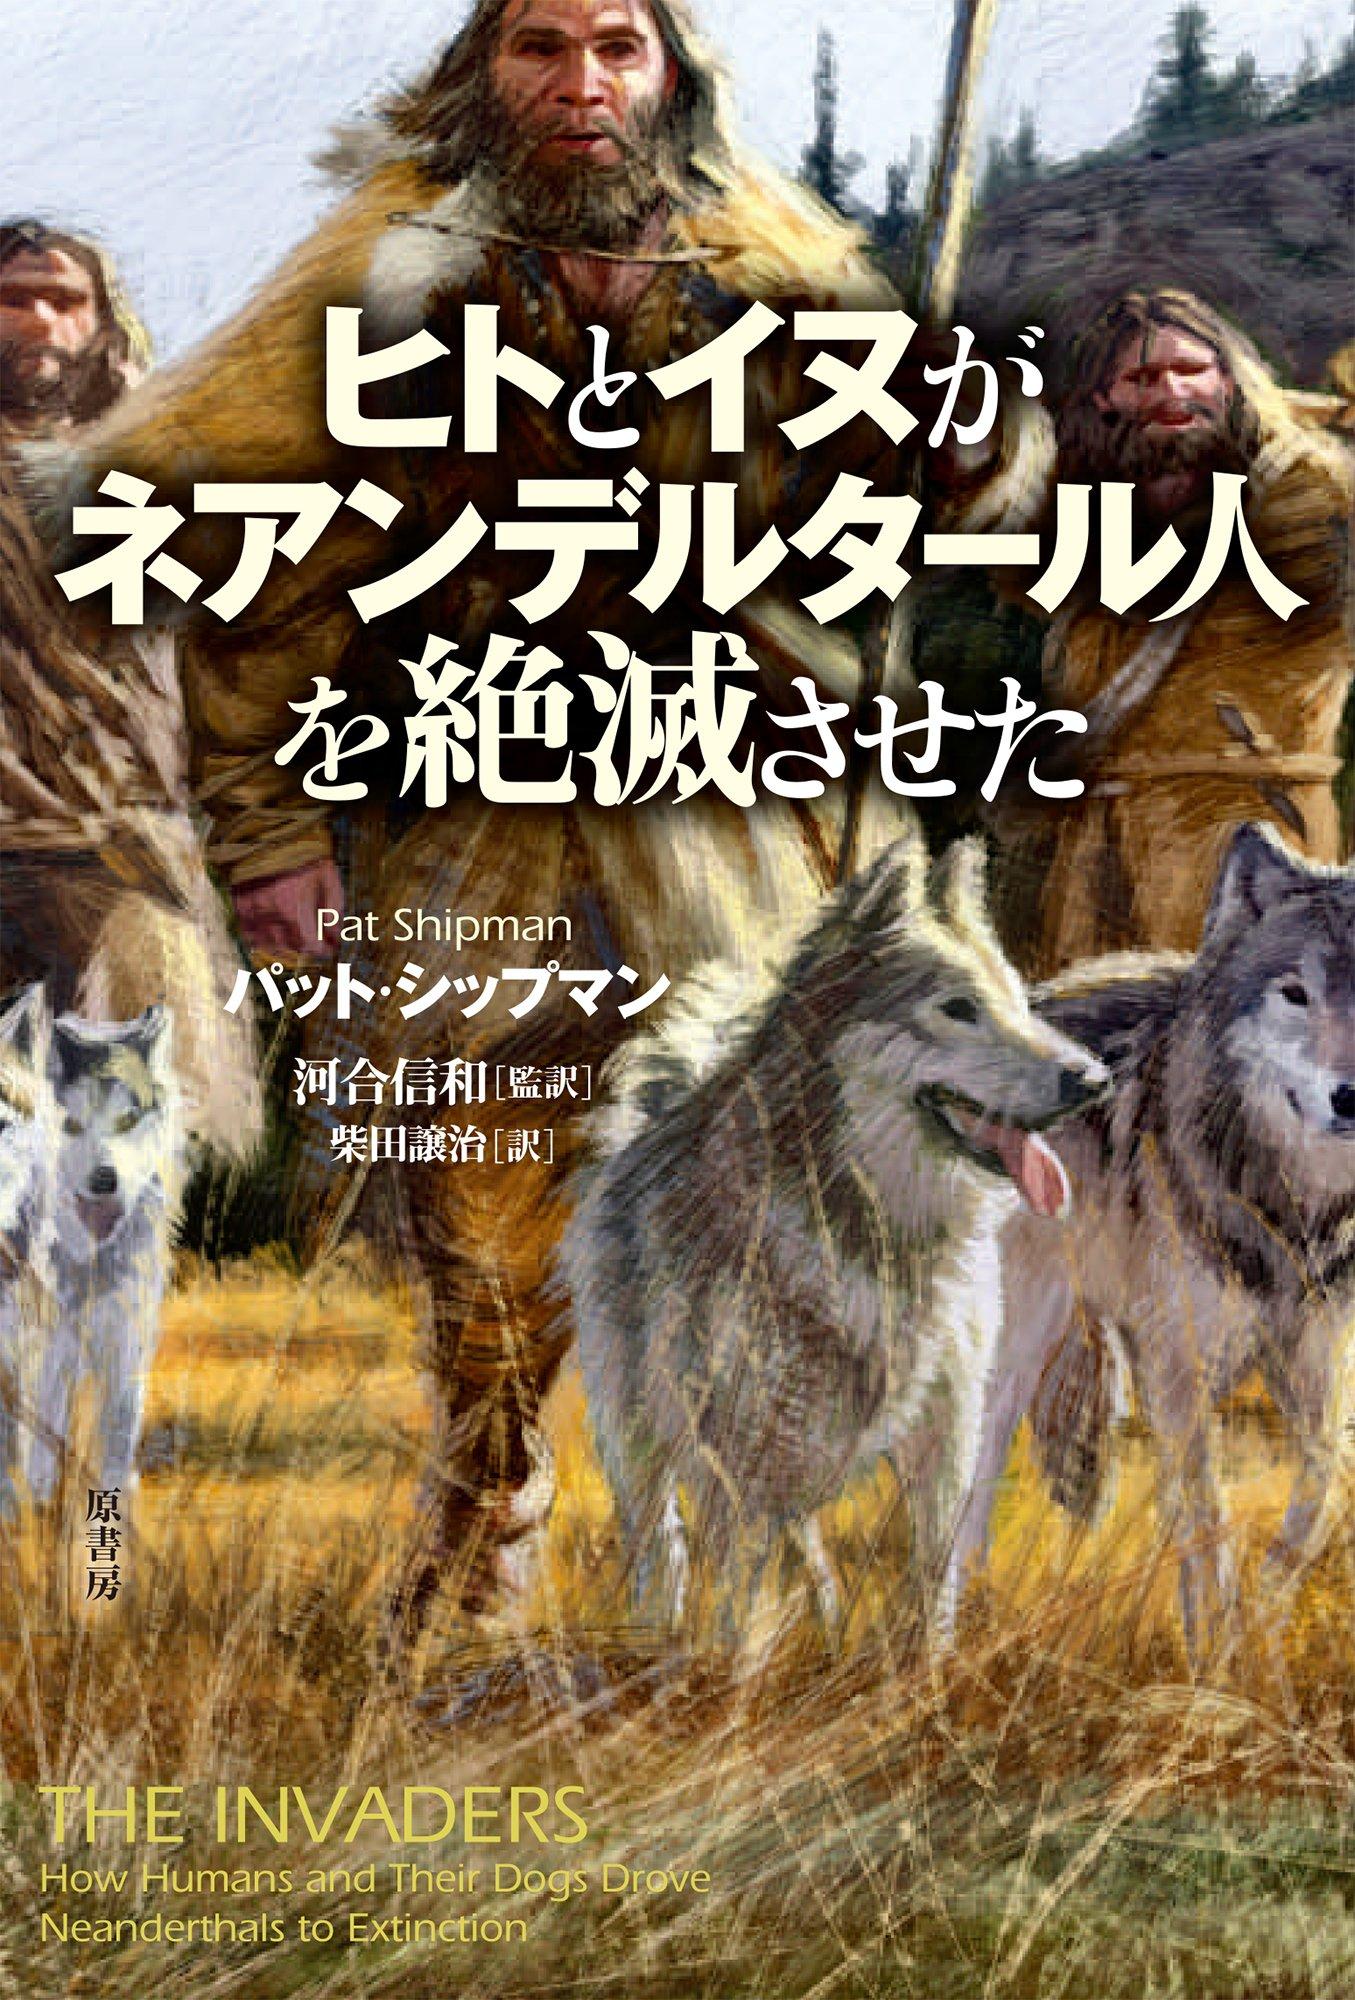 ヒトとイヌがネアンデルタール人...